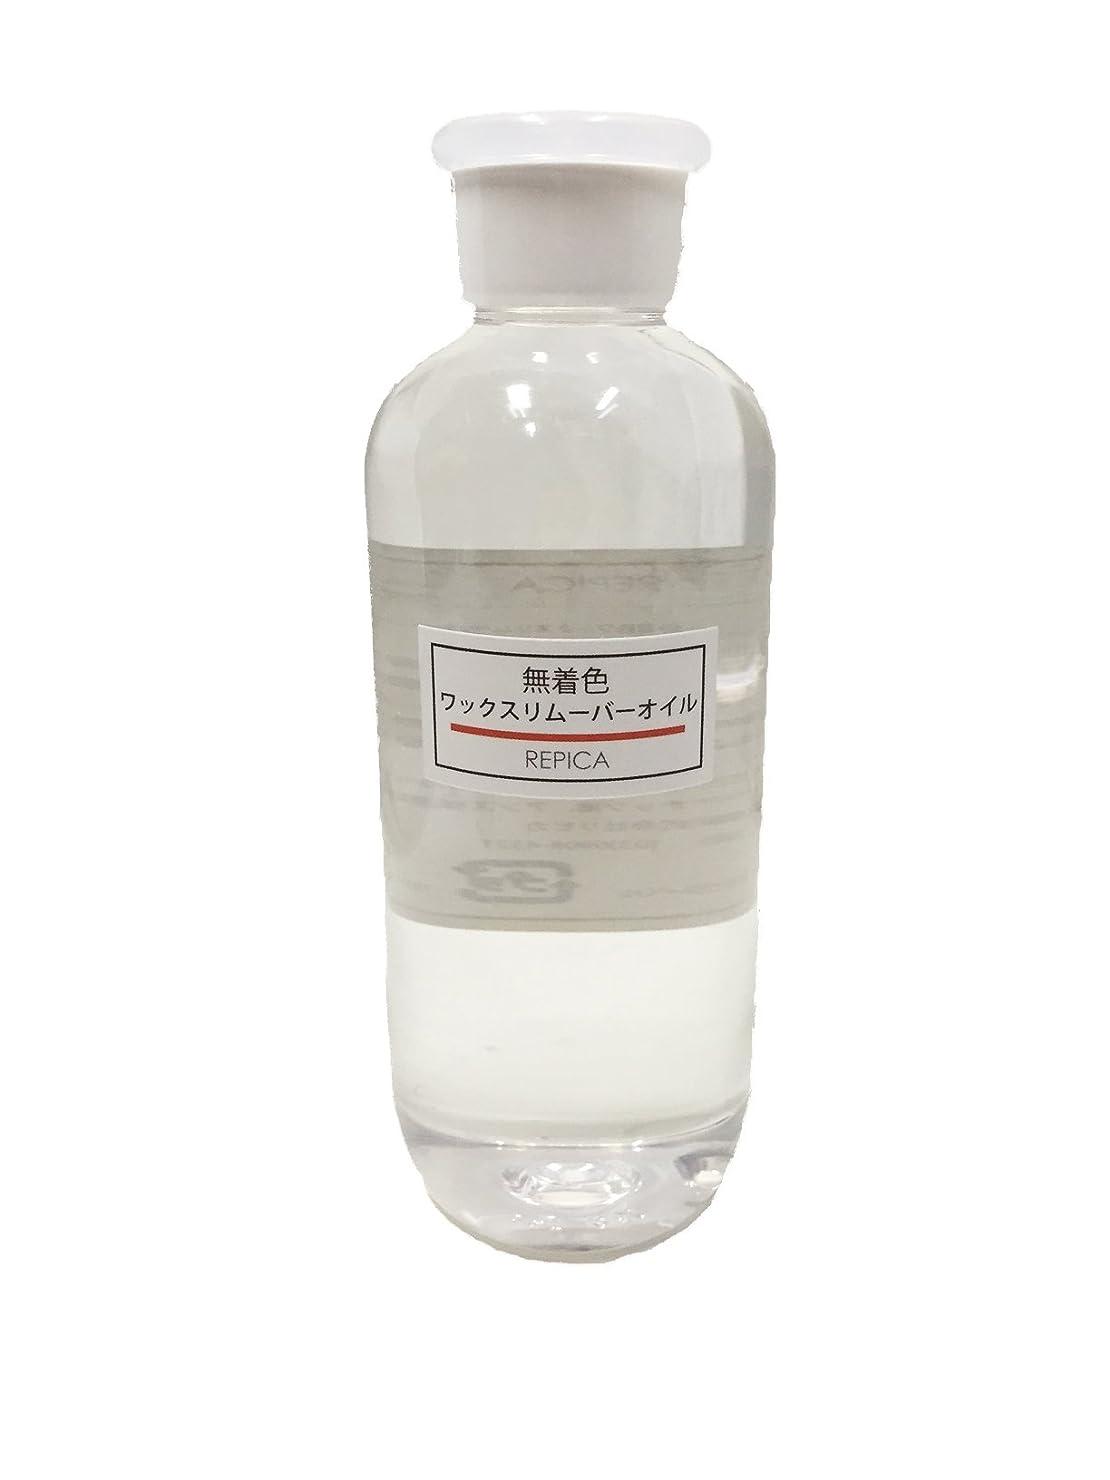 没頭する妥協保証無着色ワックスリムーバーオイル 250ml(300-4) (ワックス脱毛 ブラジリアンワックス) 業務用 自宅用 ワックスオイル